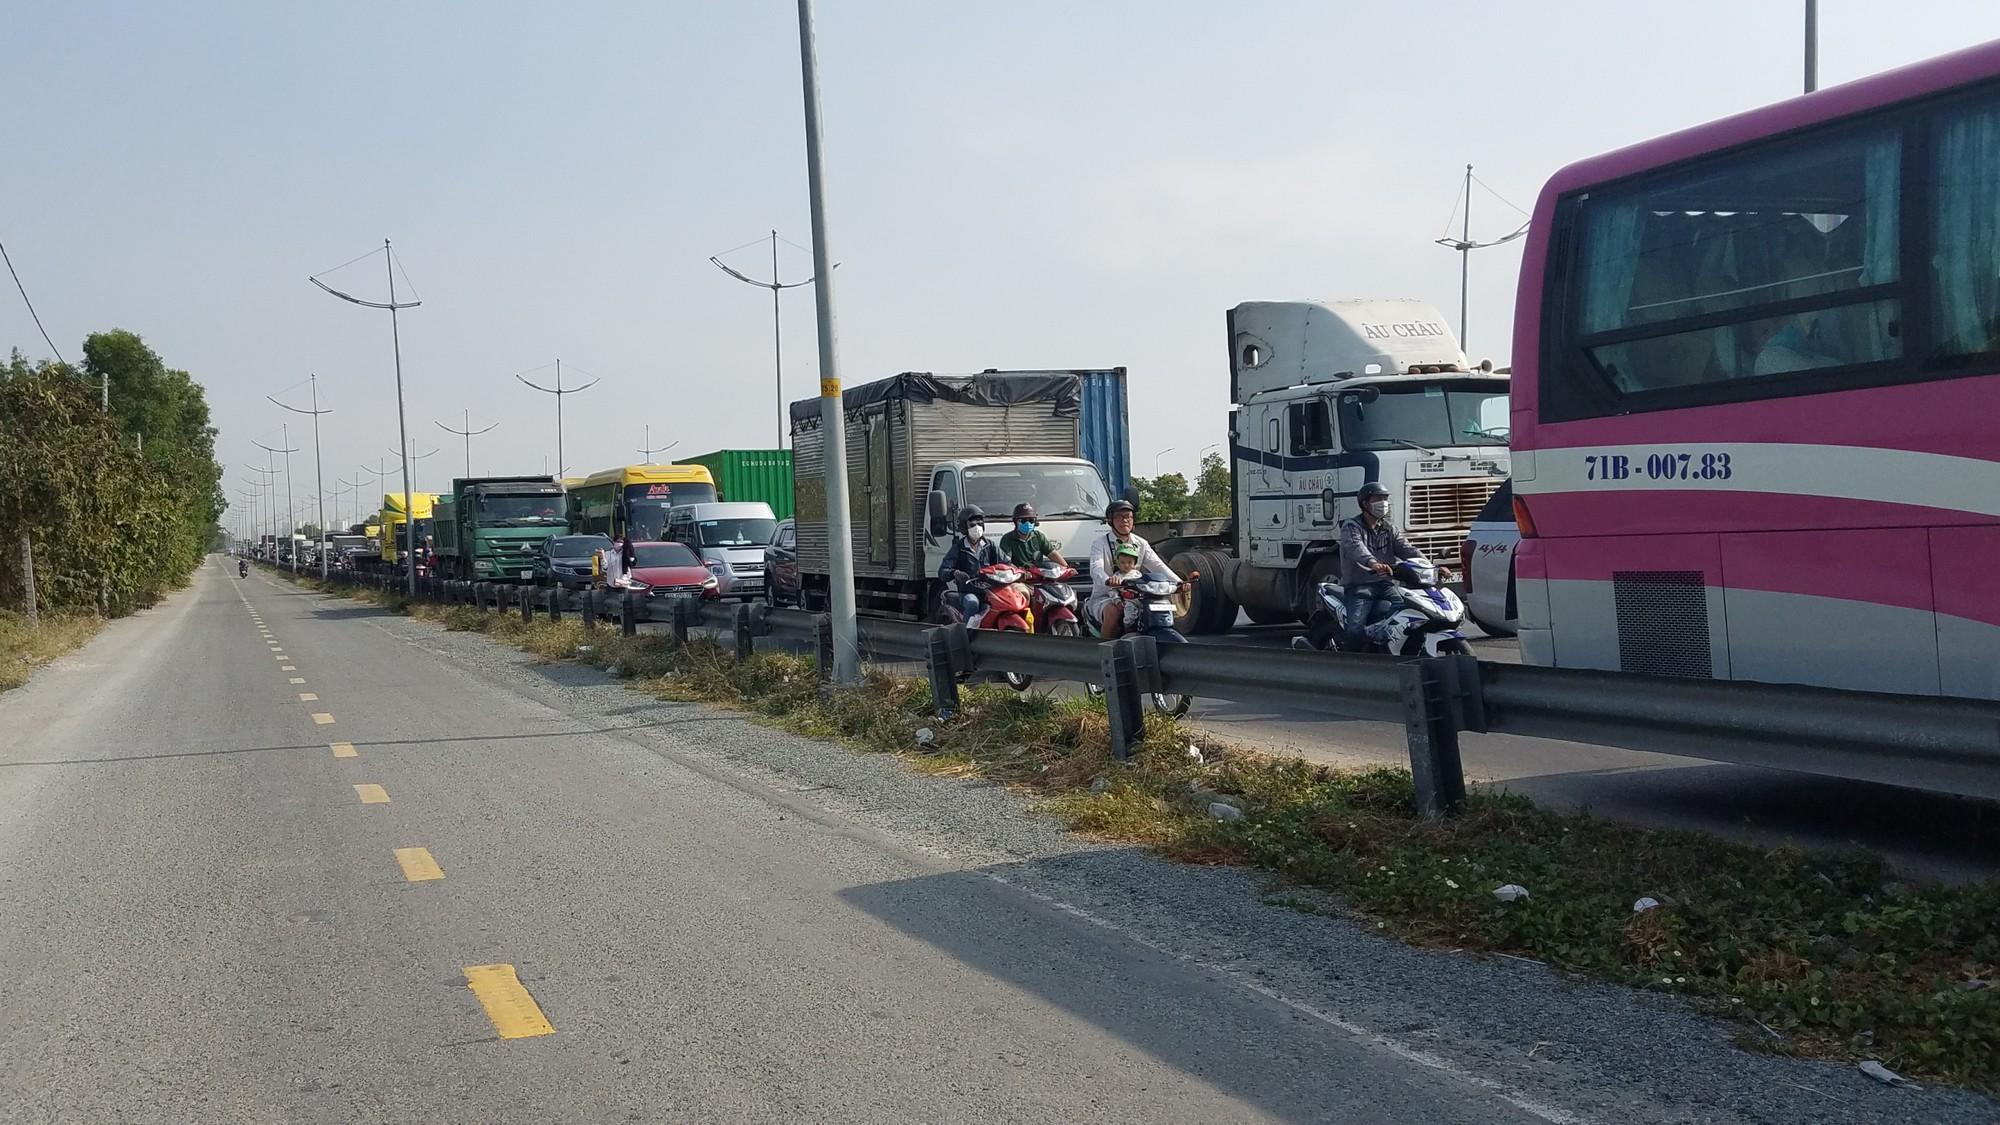 Xe khách tông đuôi xe container, tài xế cùng nhiều nhành khách nhập viện cấp cứu ở Sài Gòn  - Ảnh 2.